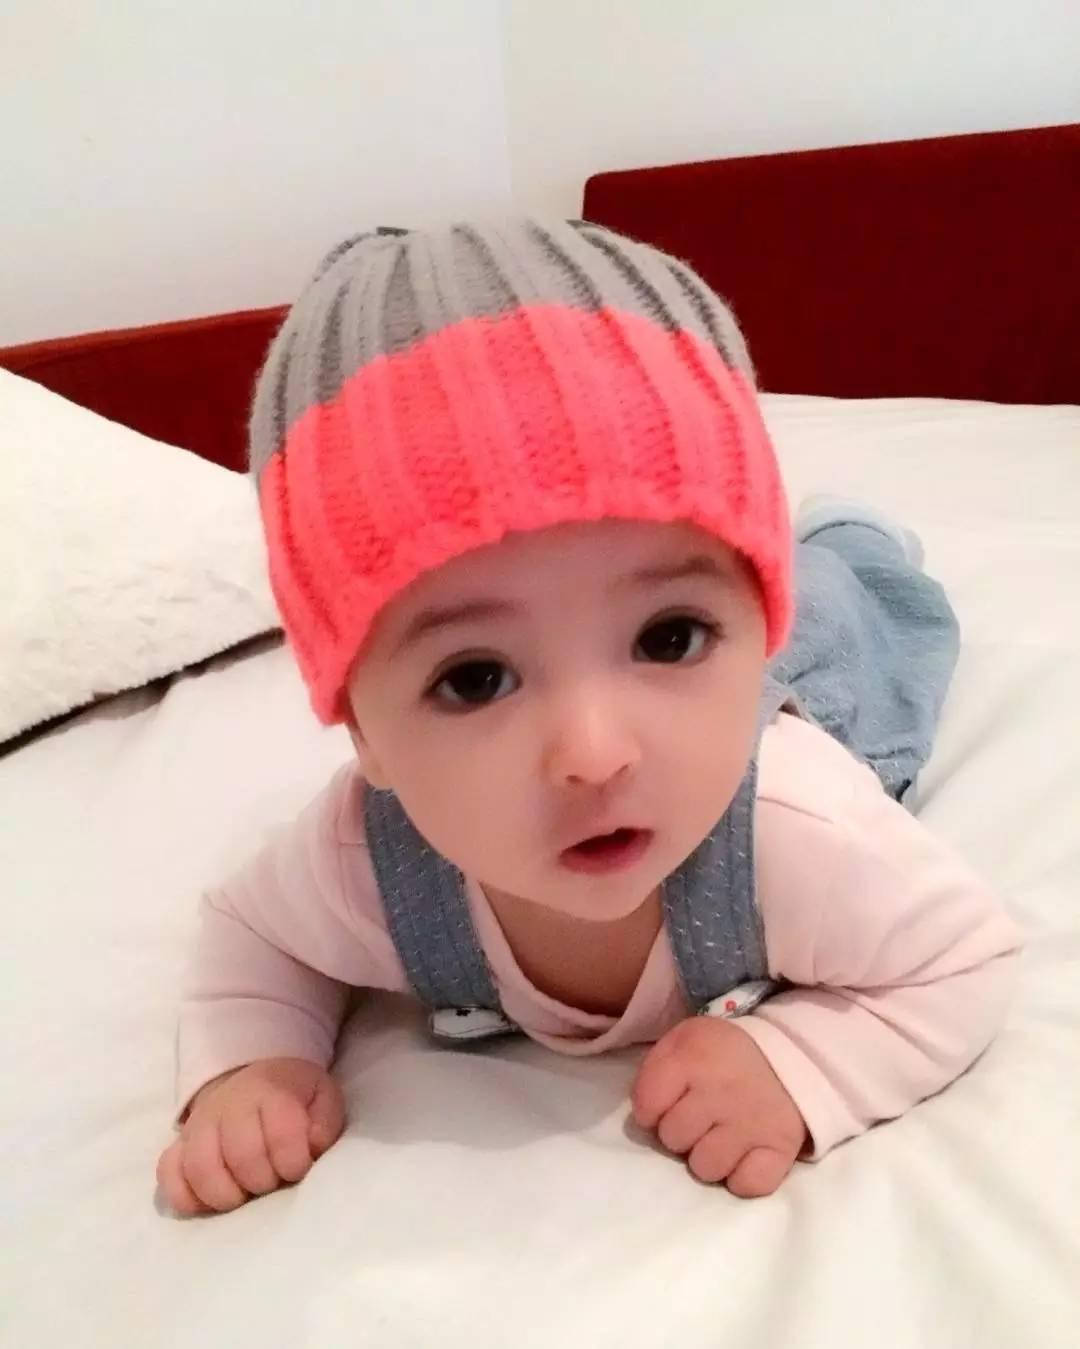 瑞典一小宝宝因完美五官走红,才几个月大就圈粉无数,太漂亮了!